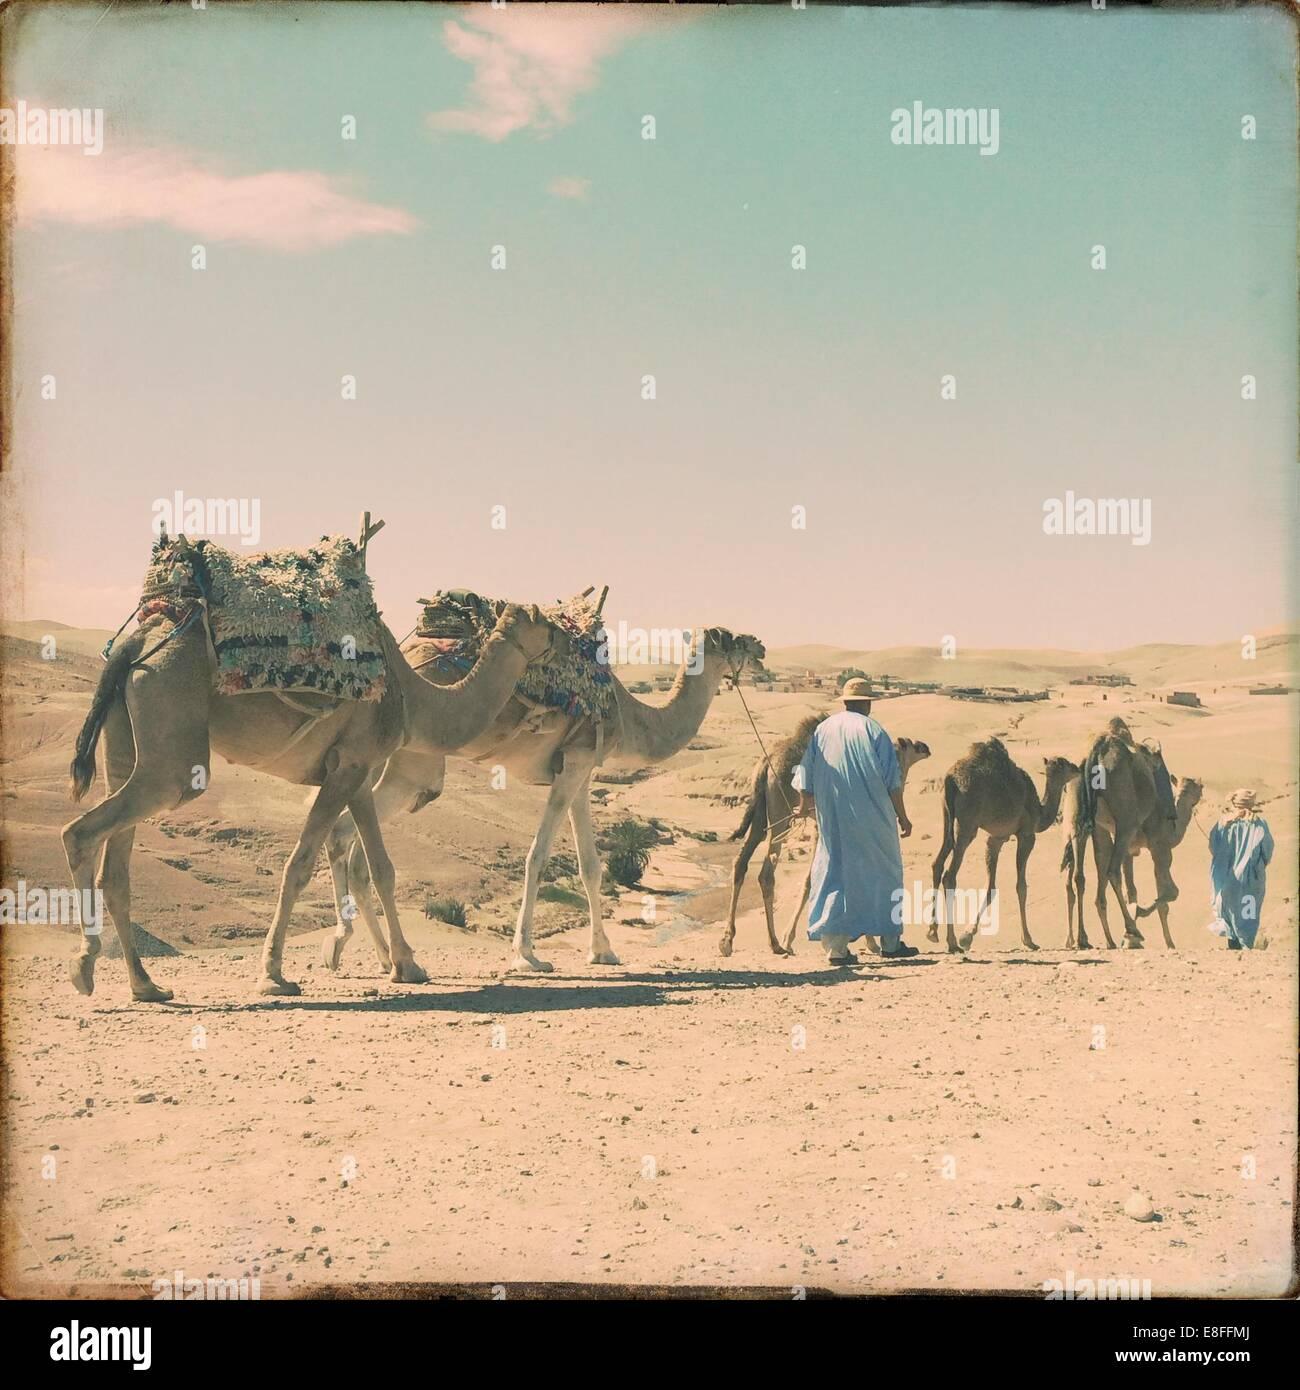 Hombres caminando con una manada de camellos Imagen De Stock